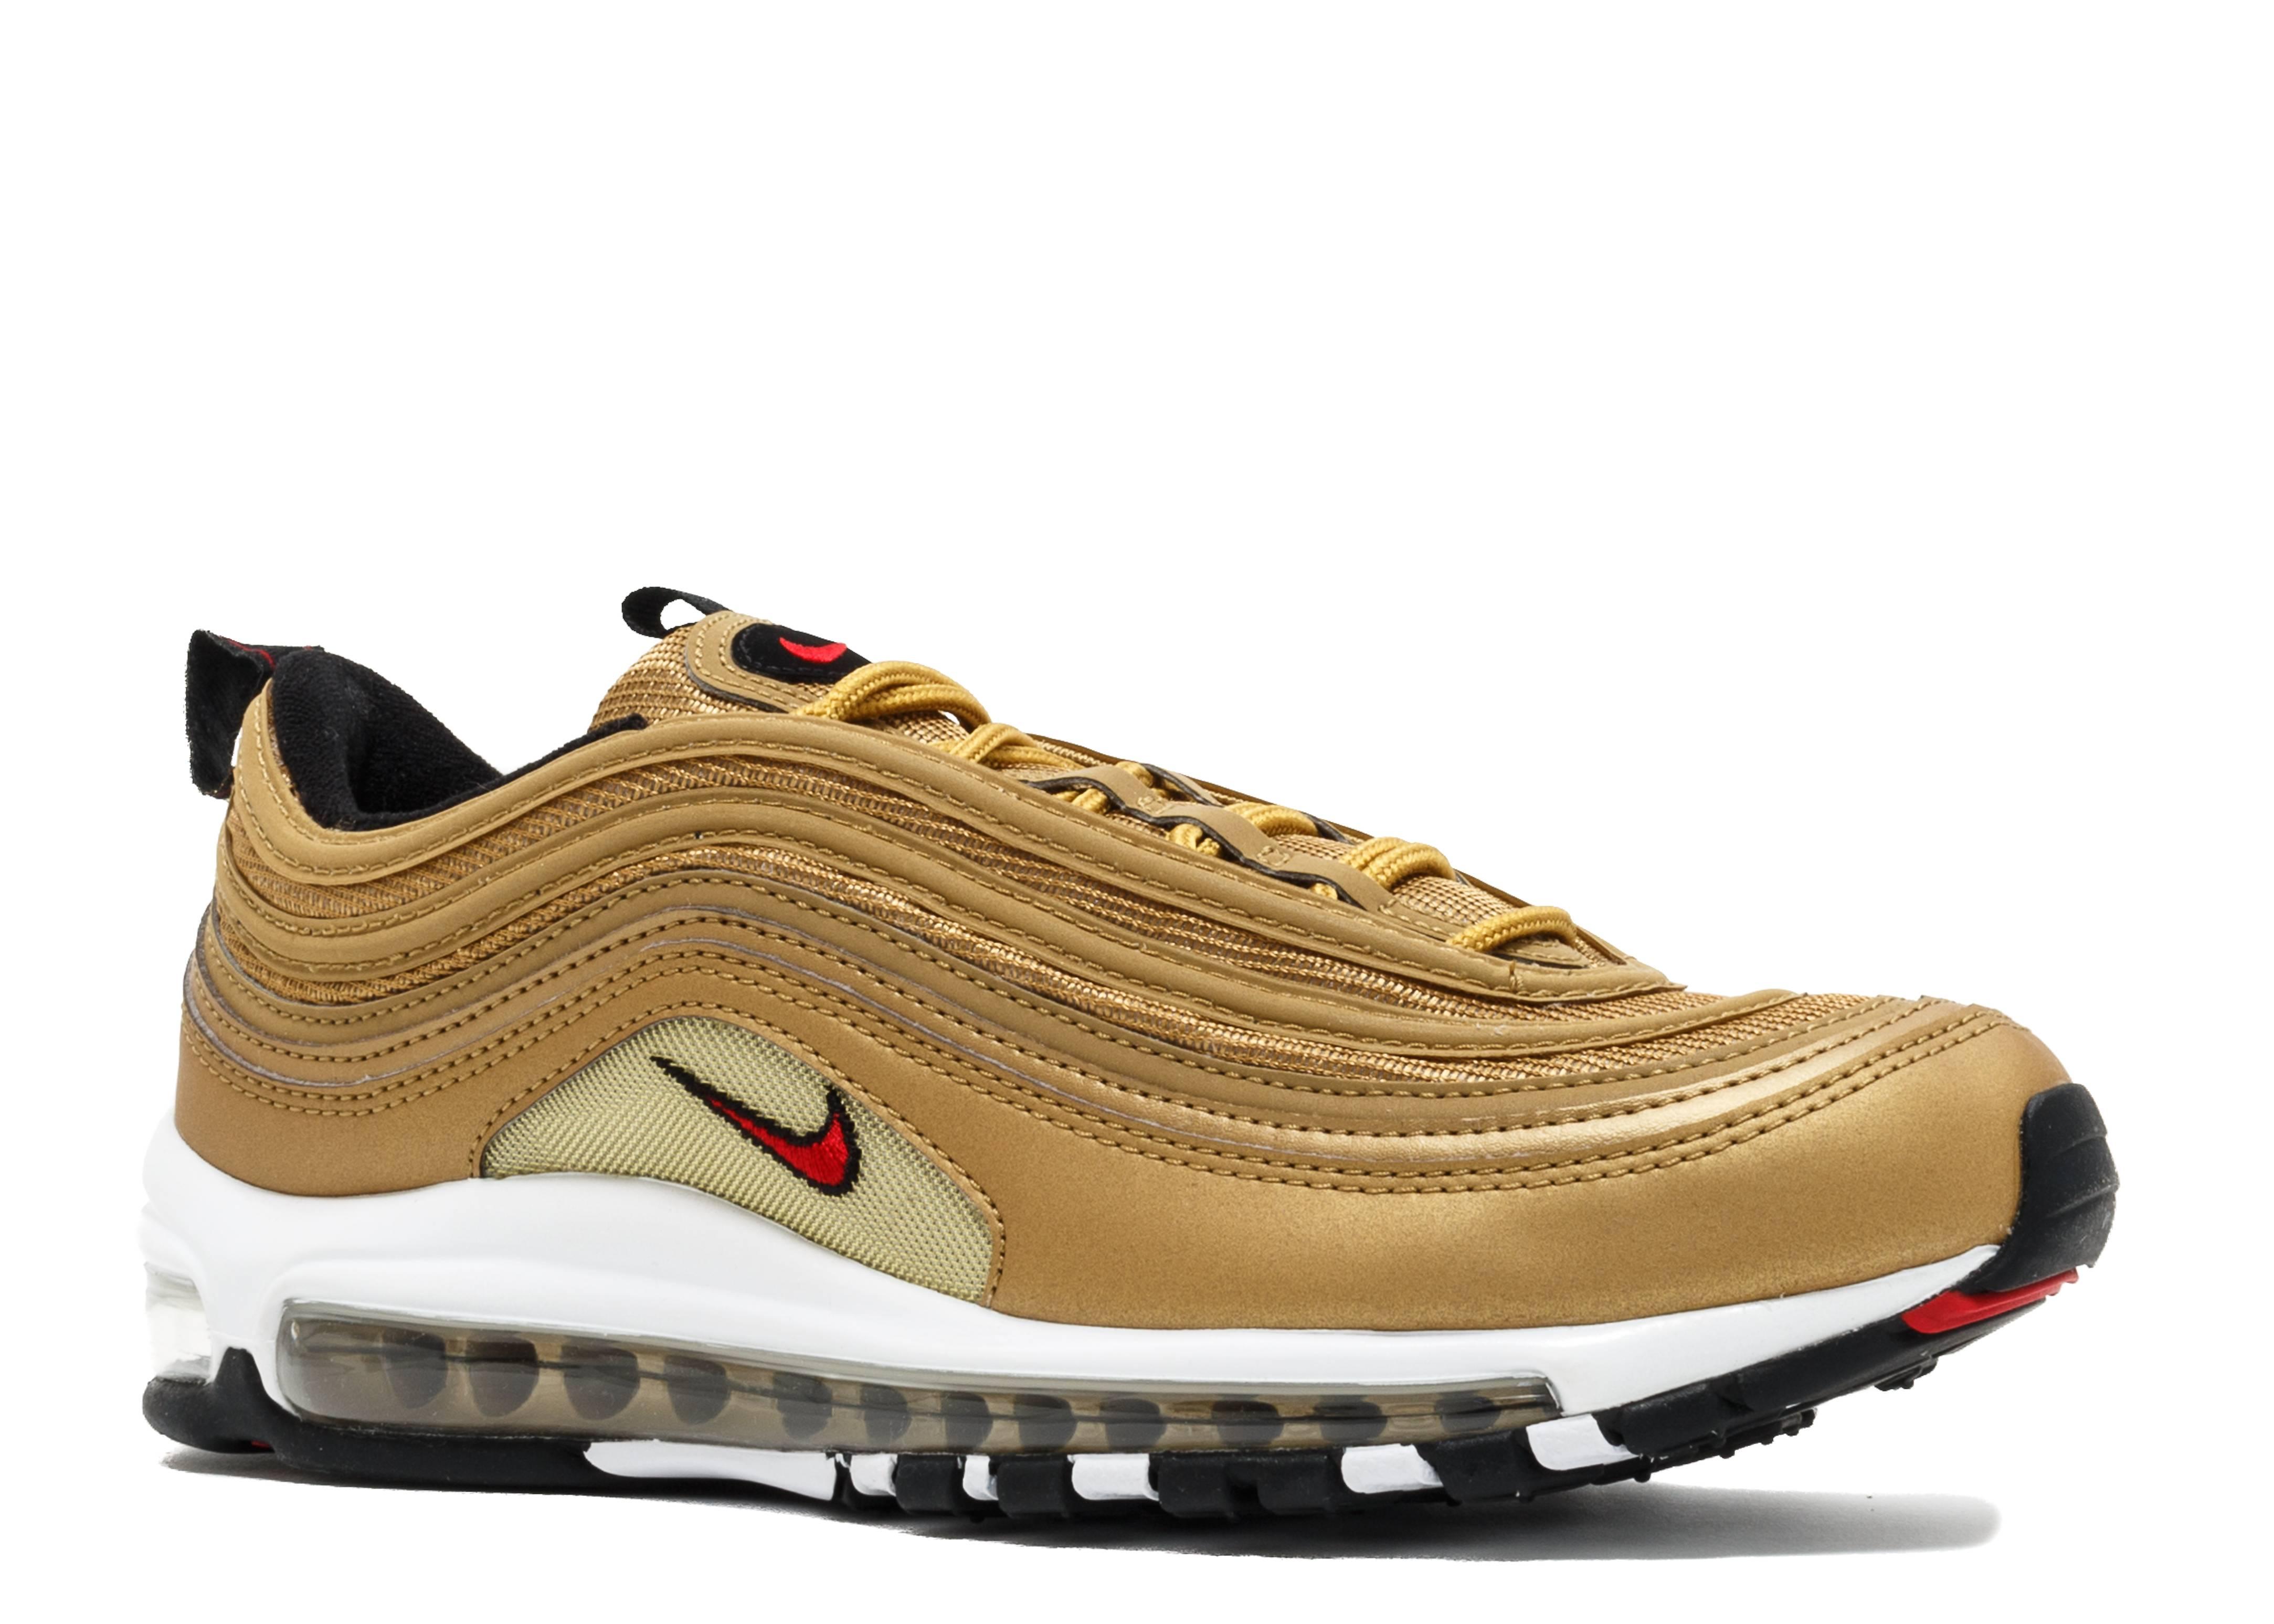 d5e7e70355c3b8 Nike Air Max 97 Og Qs